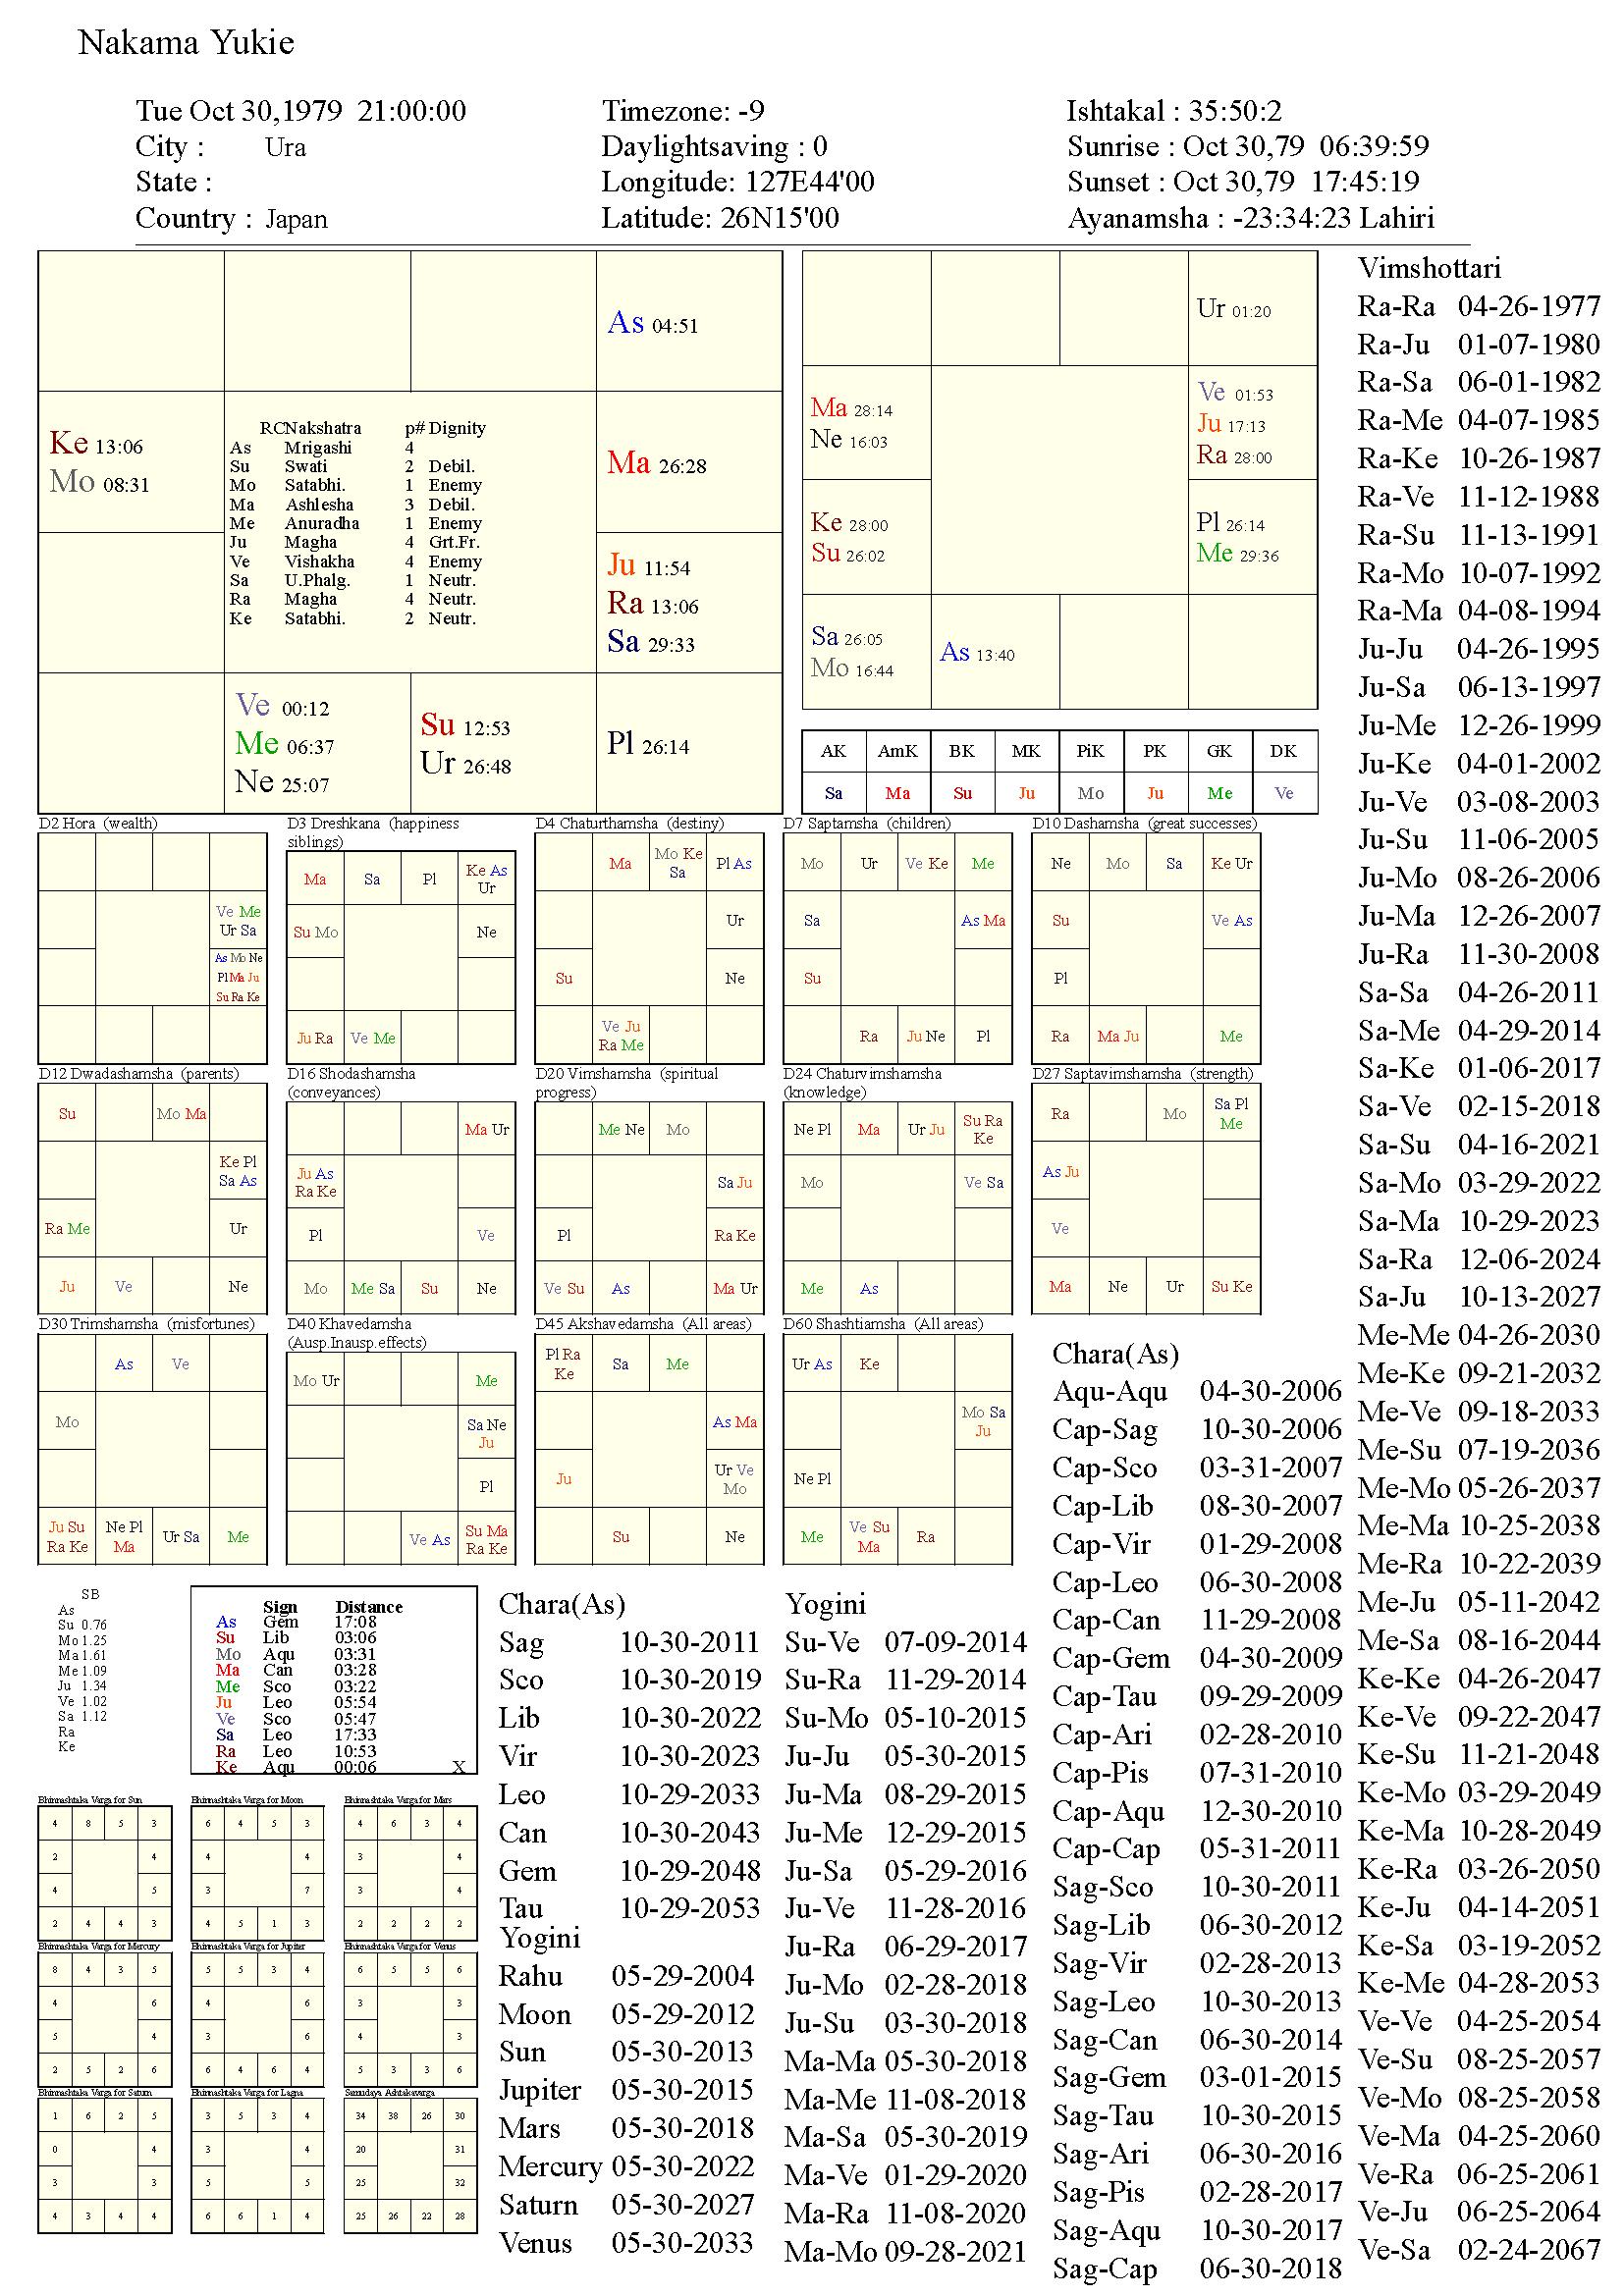 nakamayukie_chart